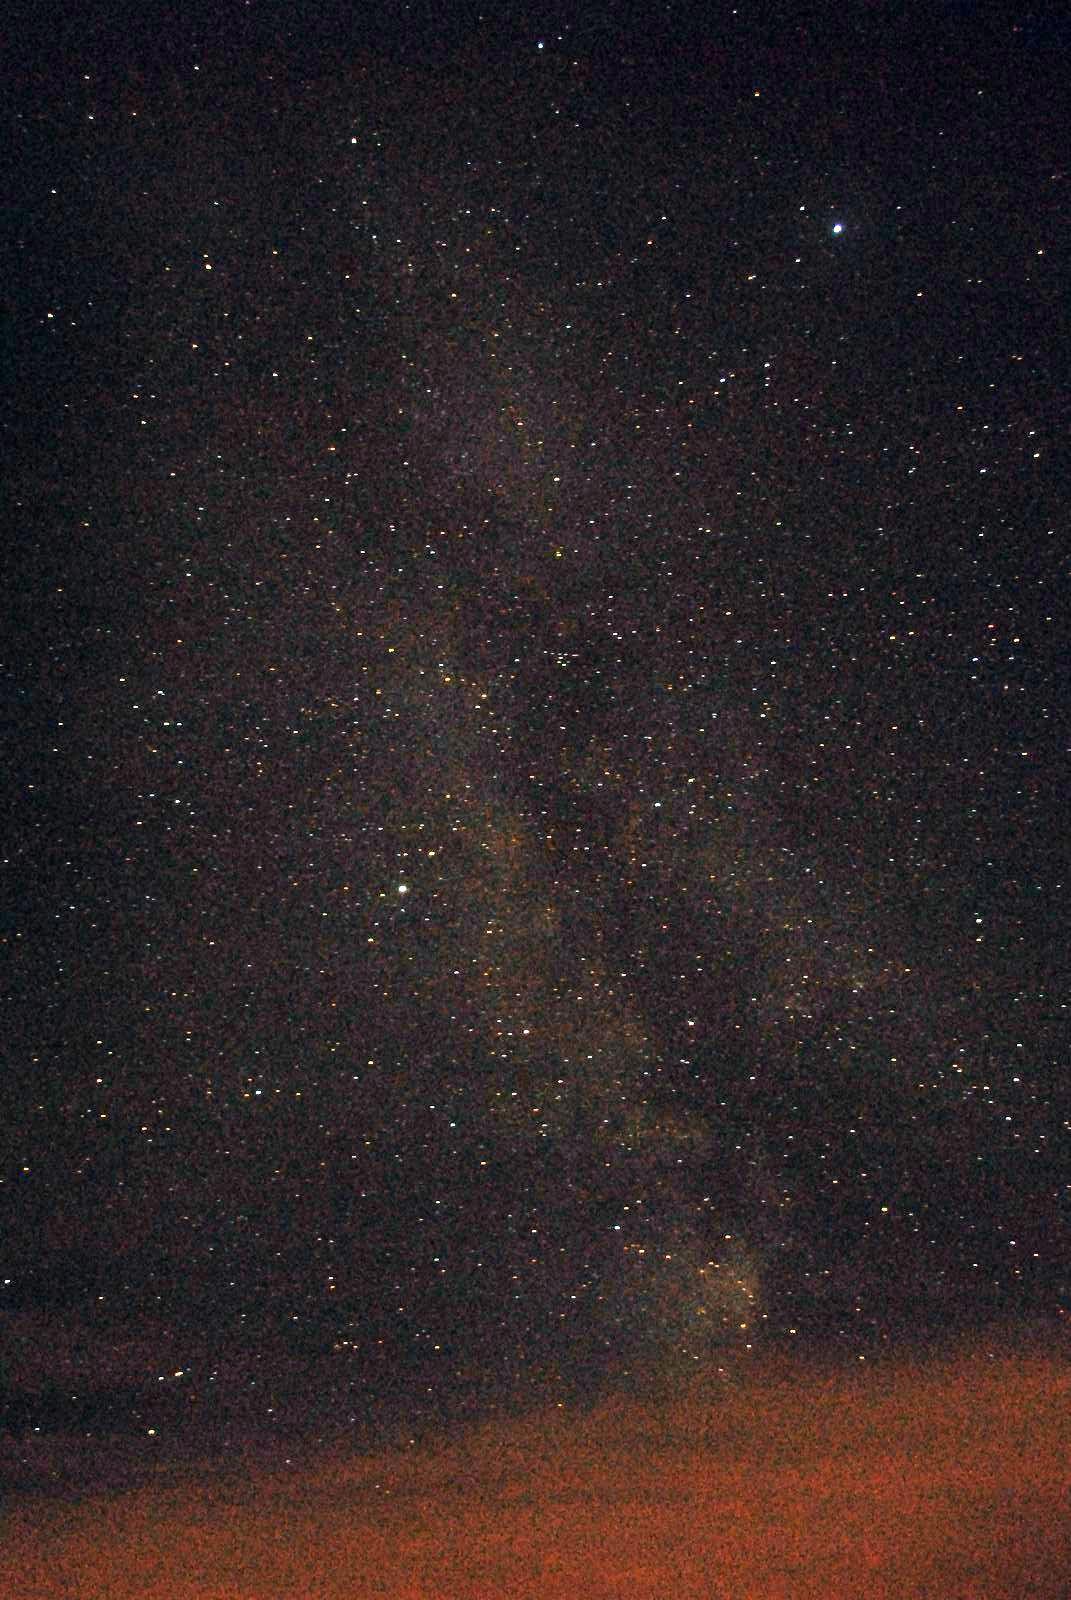 Die Lange Rhön ermöglicht bei klarem transparentem Himmel eine hohe visuelle Grenzgröße fst und lässt die Sterne und Milchstraße hell erstrahlen Erlebnis Astronmie im Sternenpark Rhön